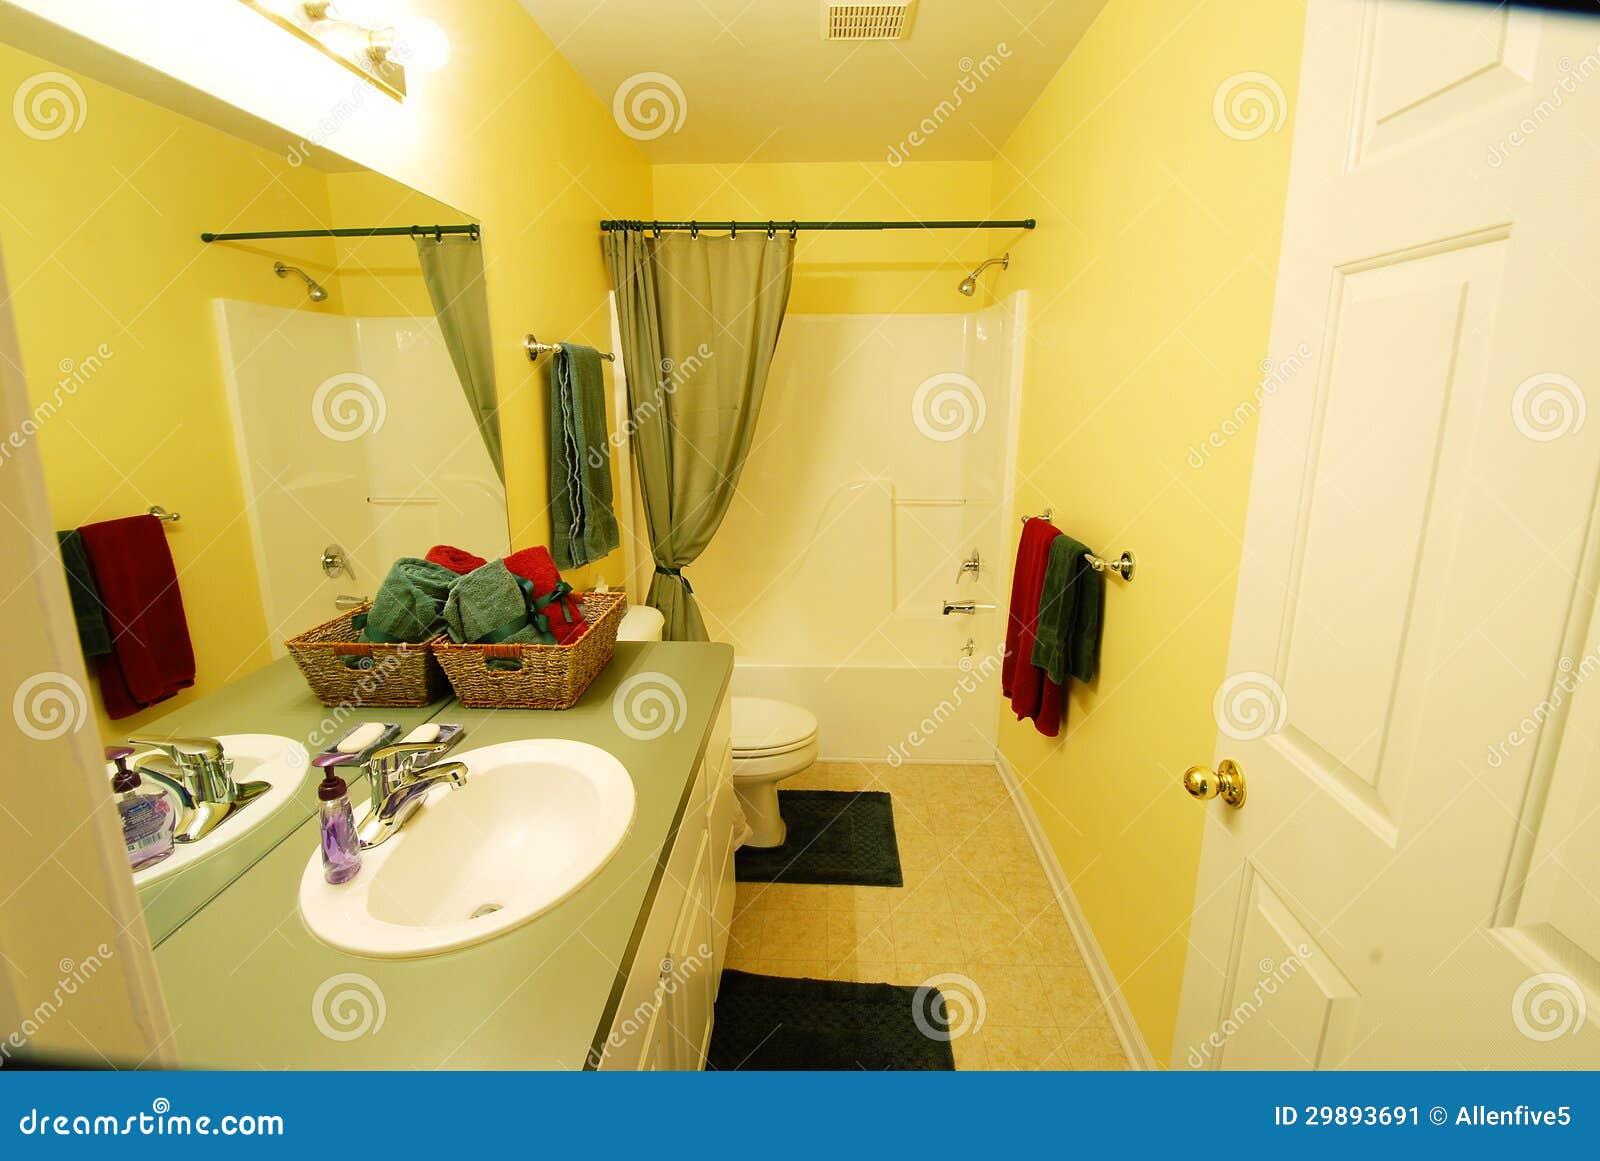 Bagno Giallo Moderno Immagine Stock - Immagine: 29893691